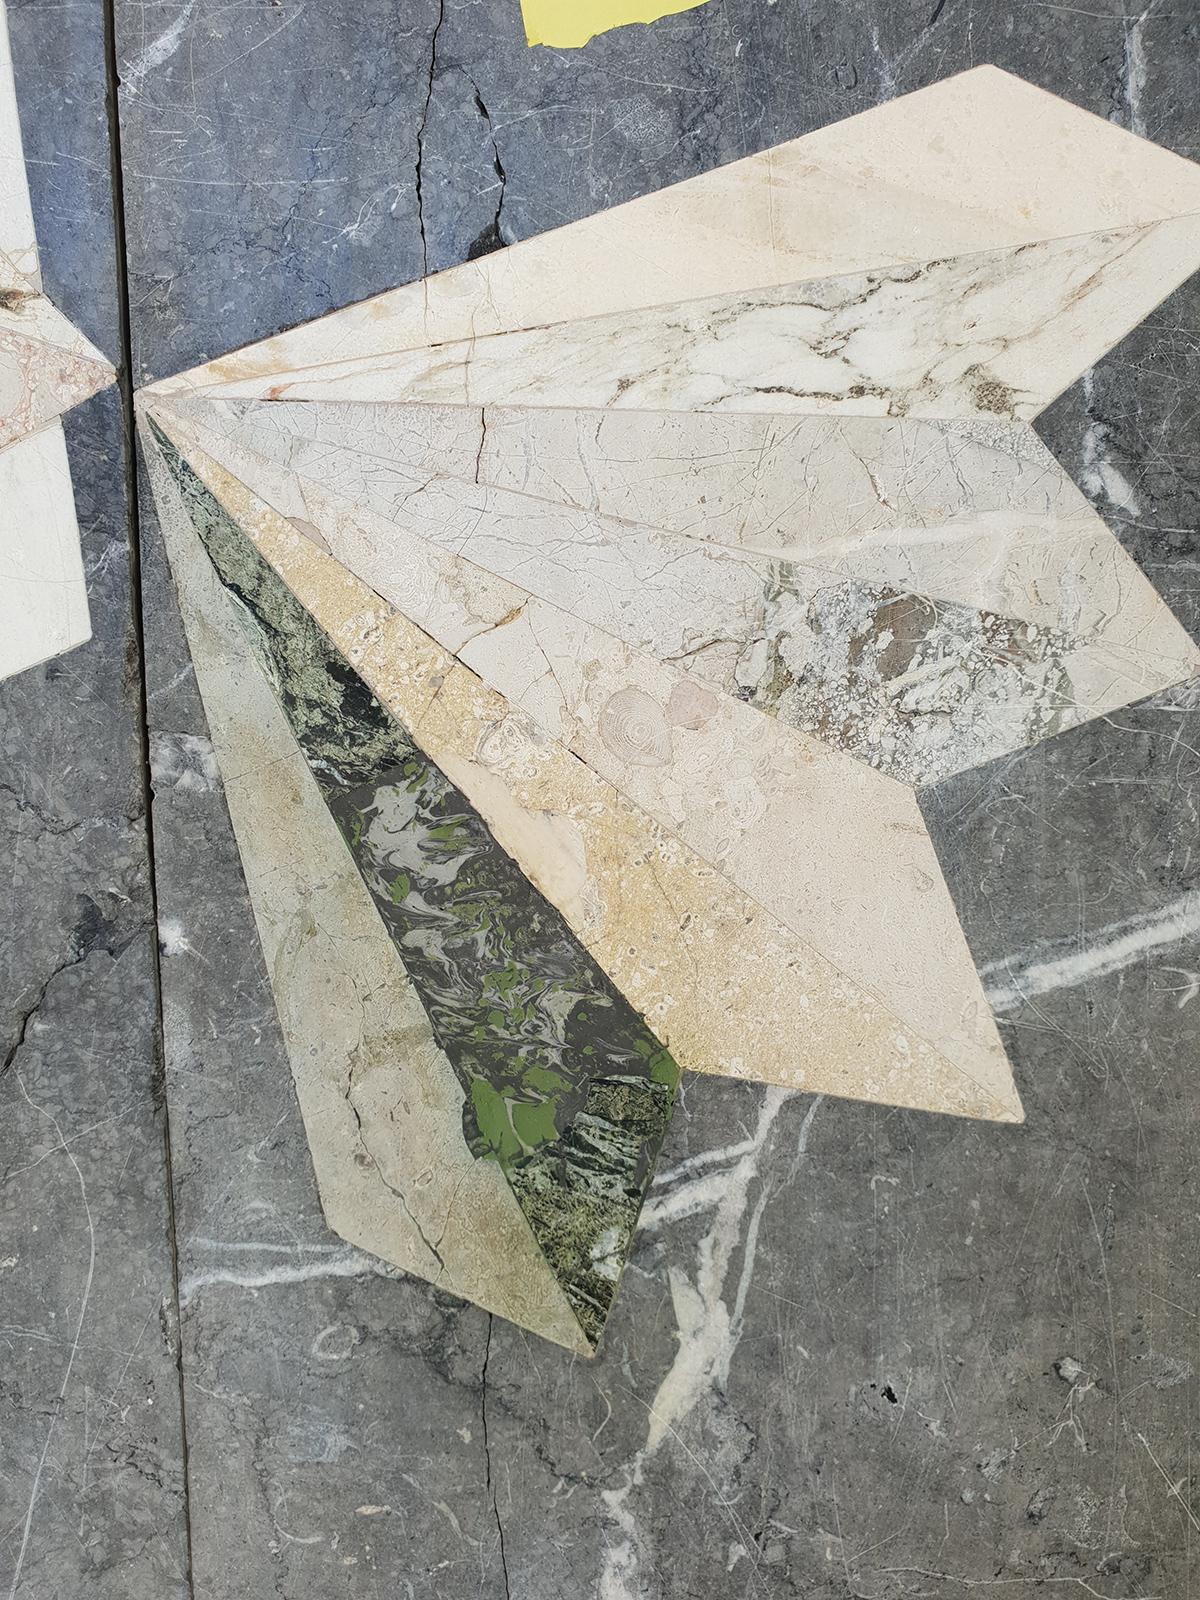 Infällningen återskapades med pigmenterat stenlim som efterbehandlats för att likna originalet.